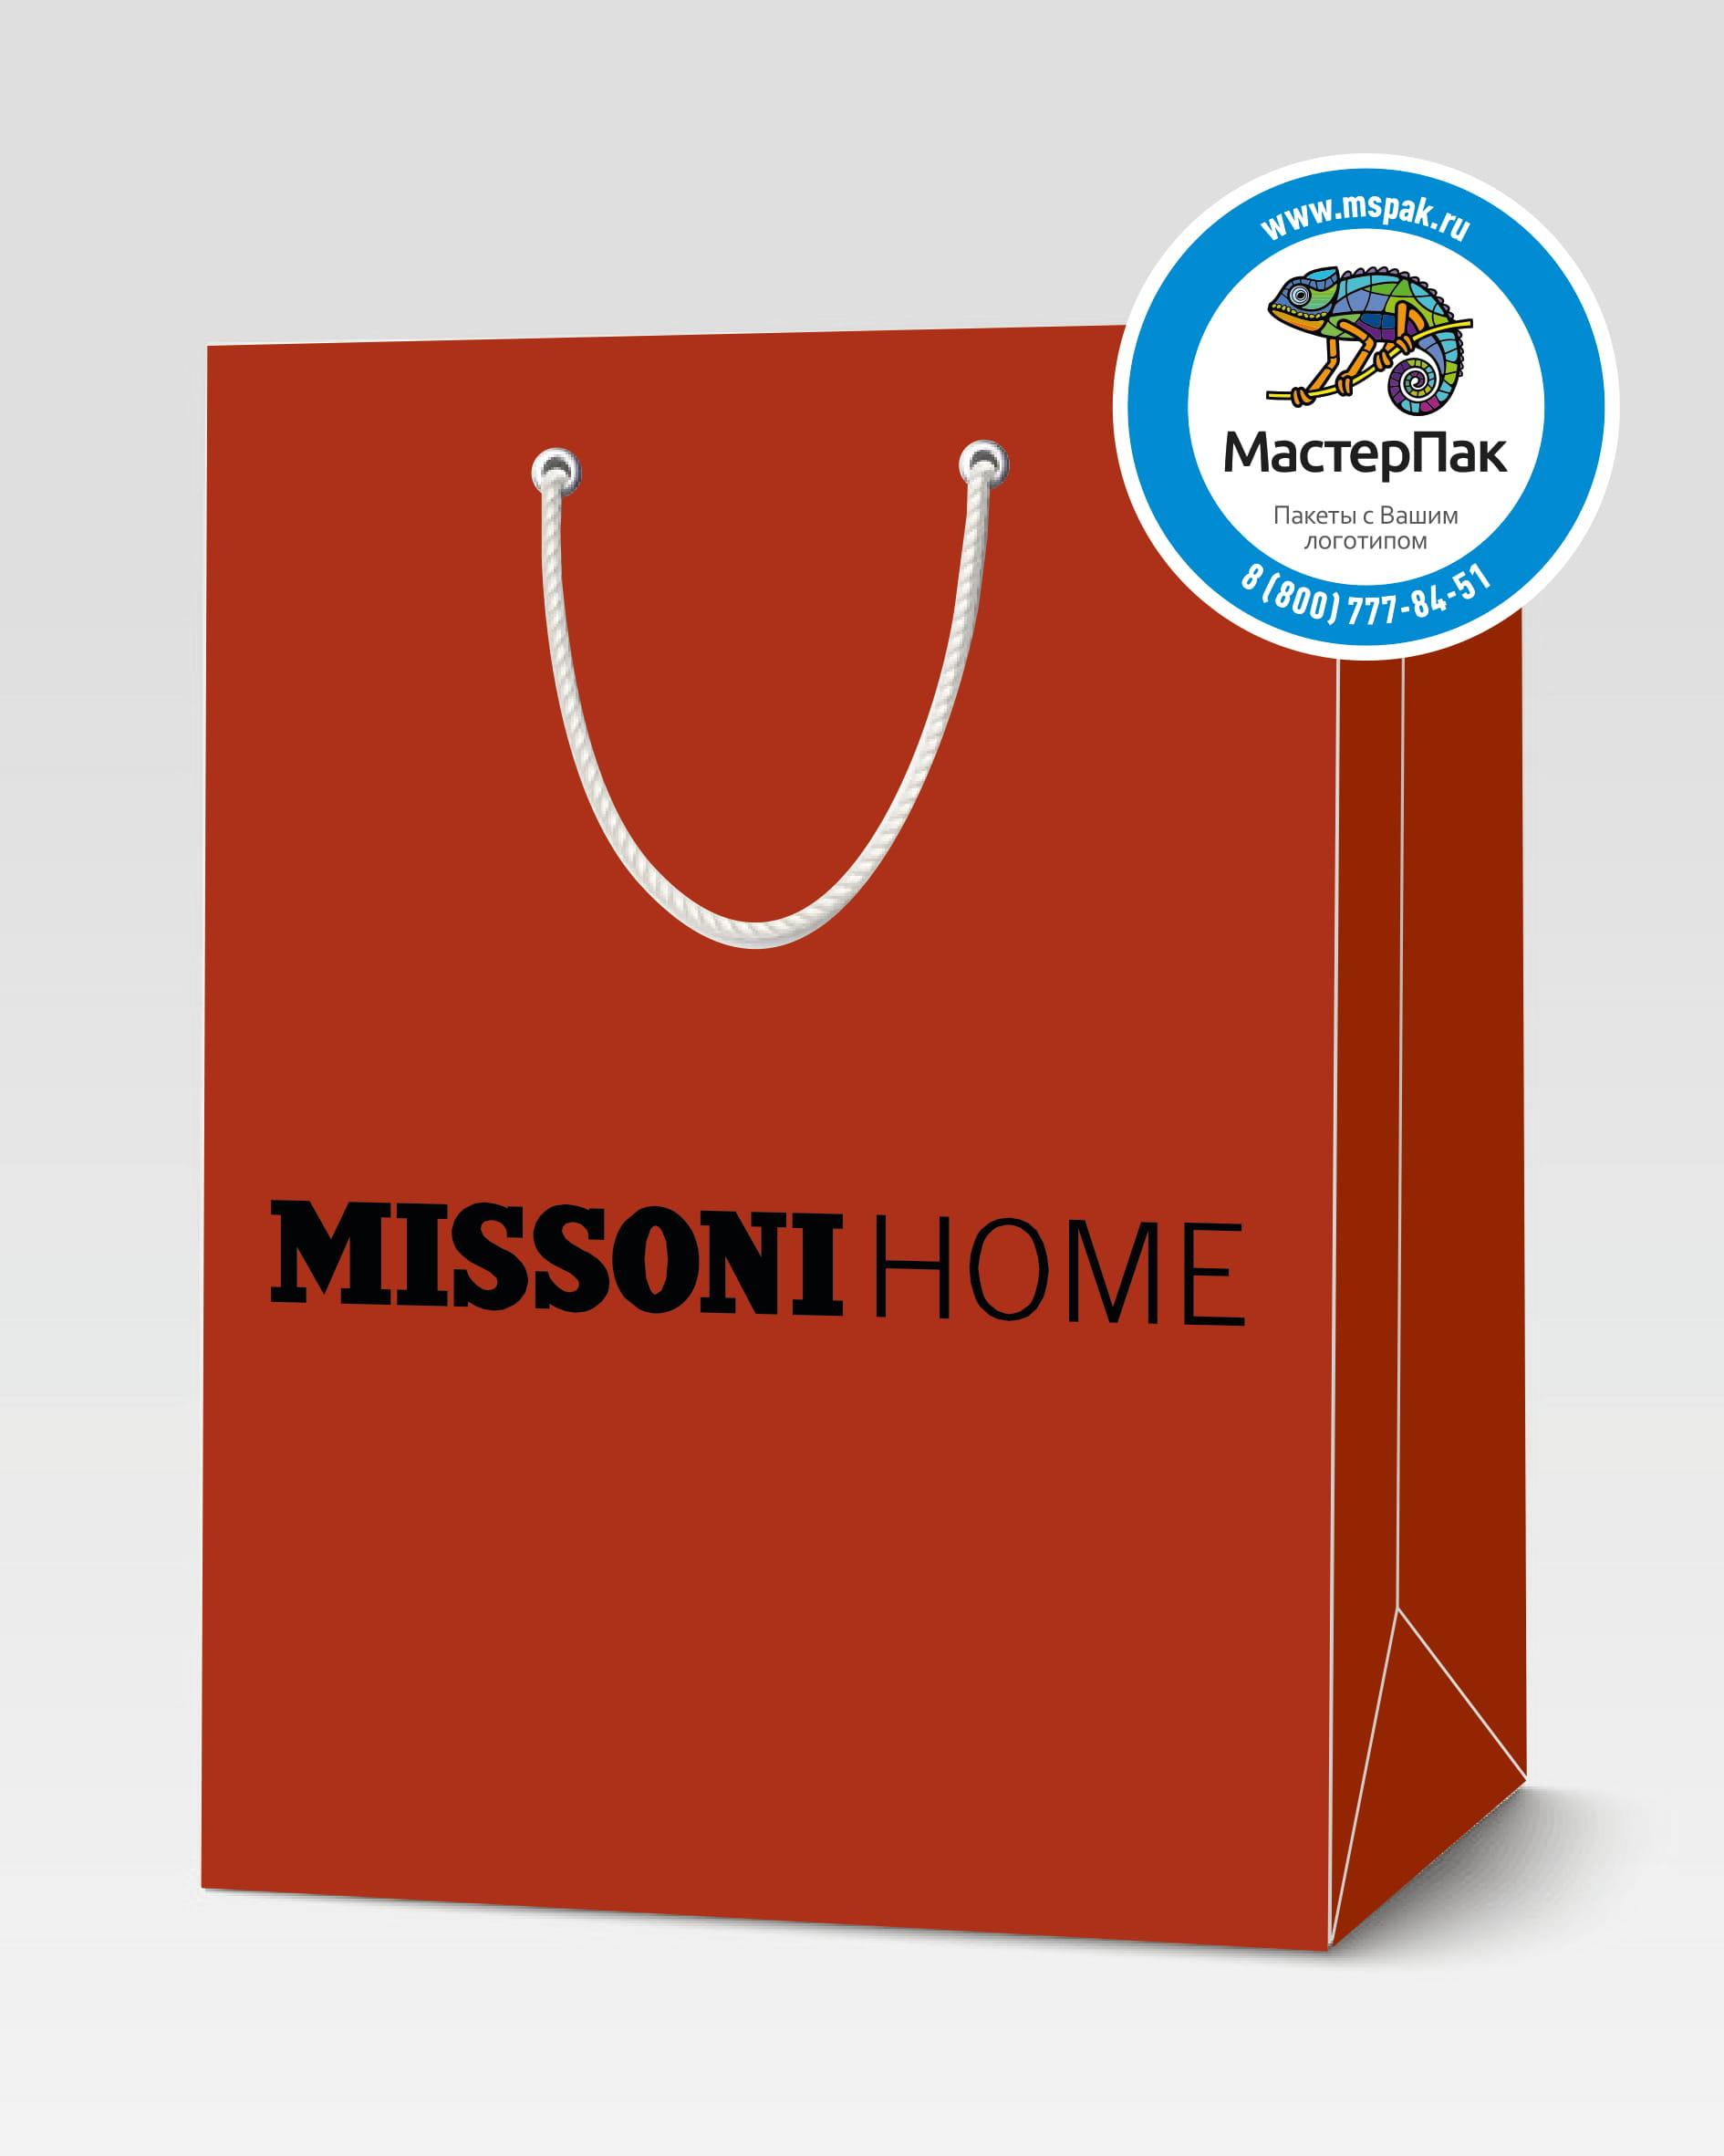 Пакет подарочный, бумажный с логотипом Missoni home, Москва, 30*40, люверсы